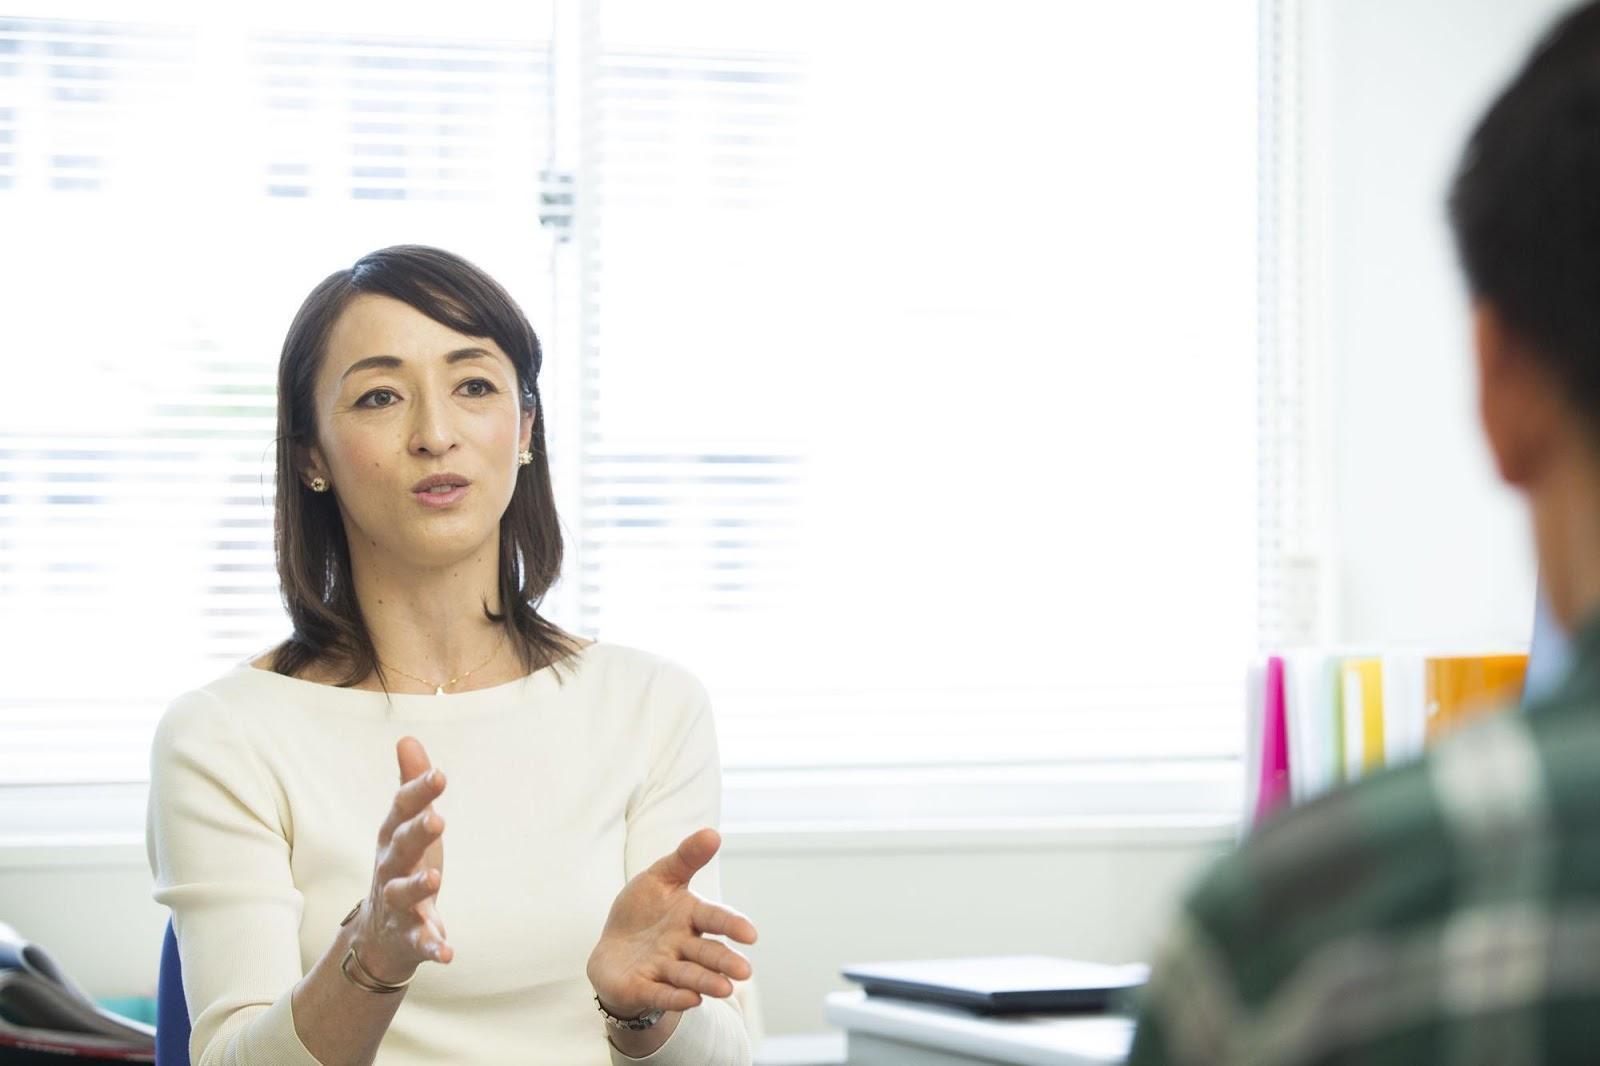 順天堂大学スポーツ健康科学部 講師/株式会社attainment 代表取締役 室伏由佳 氏